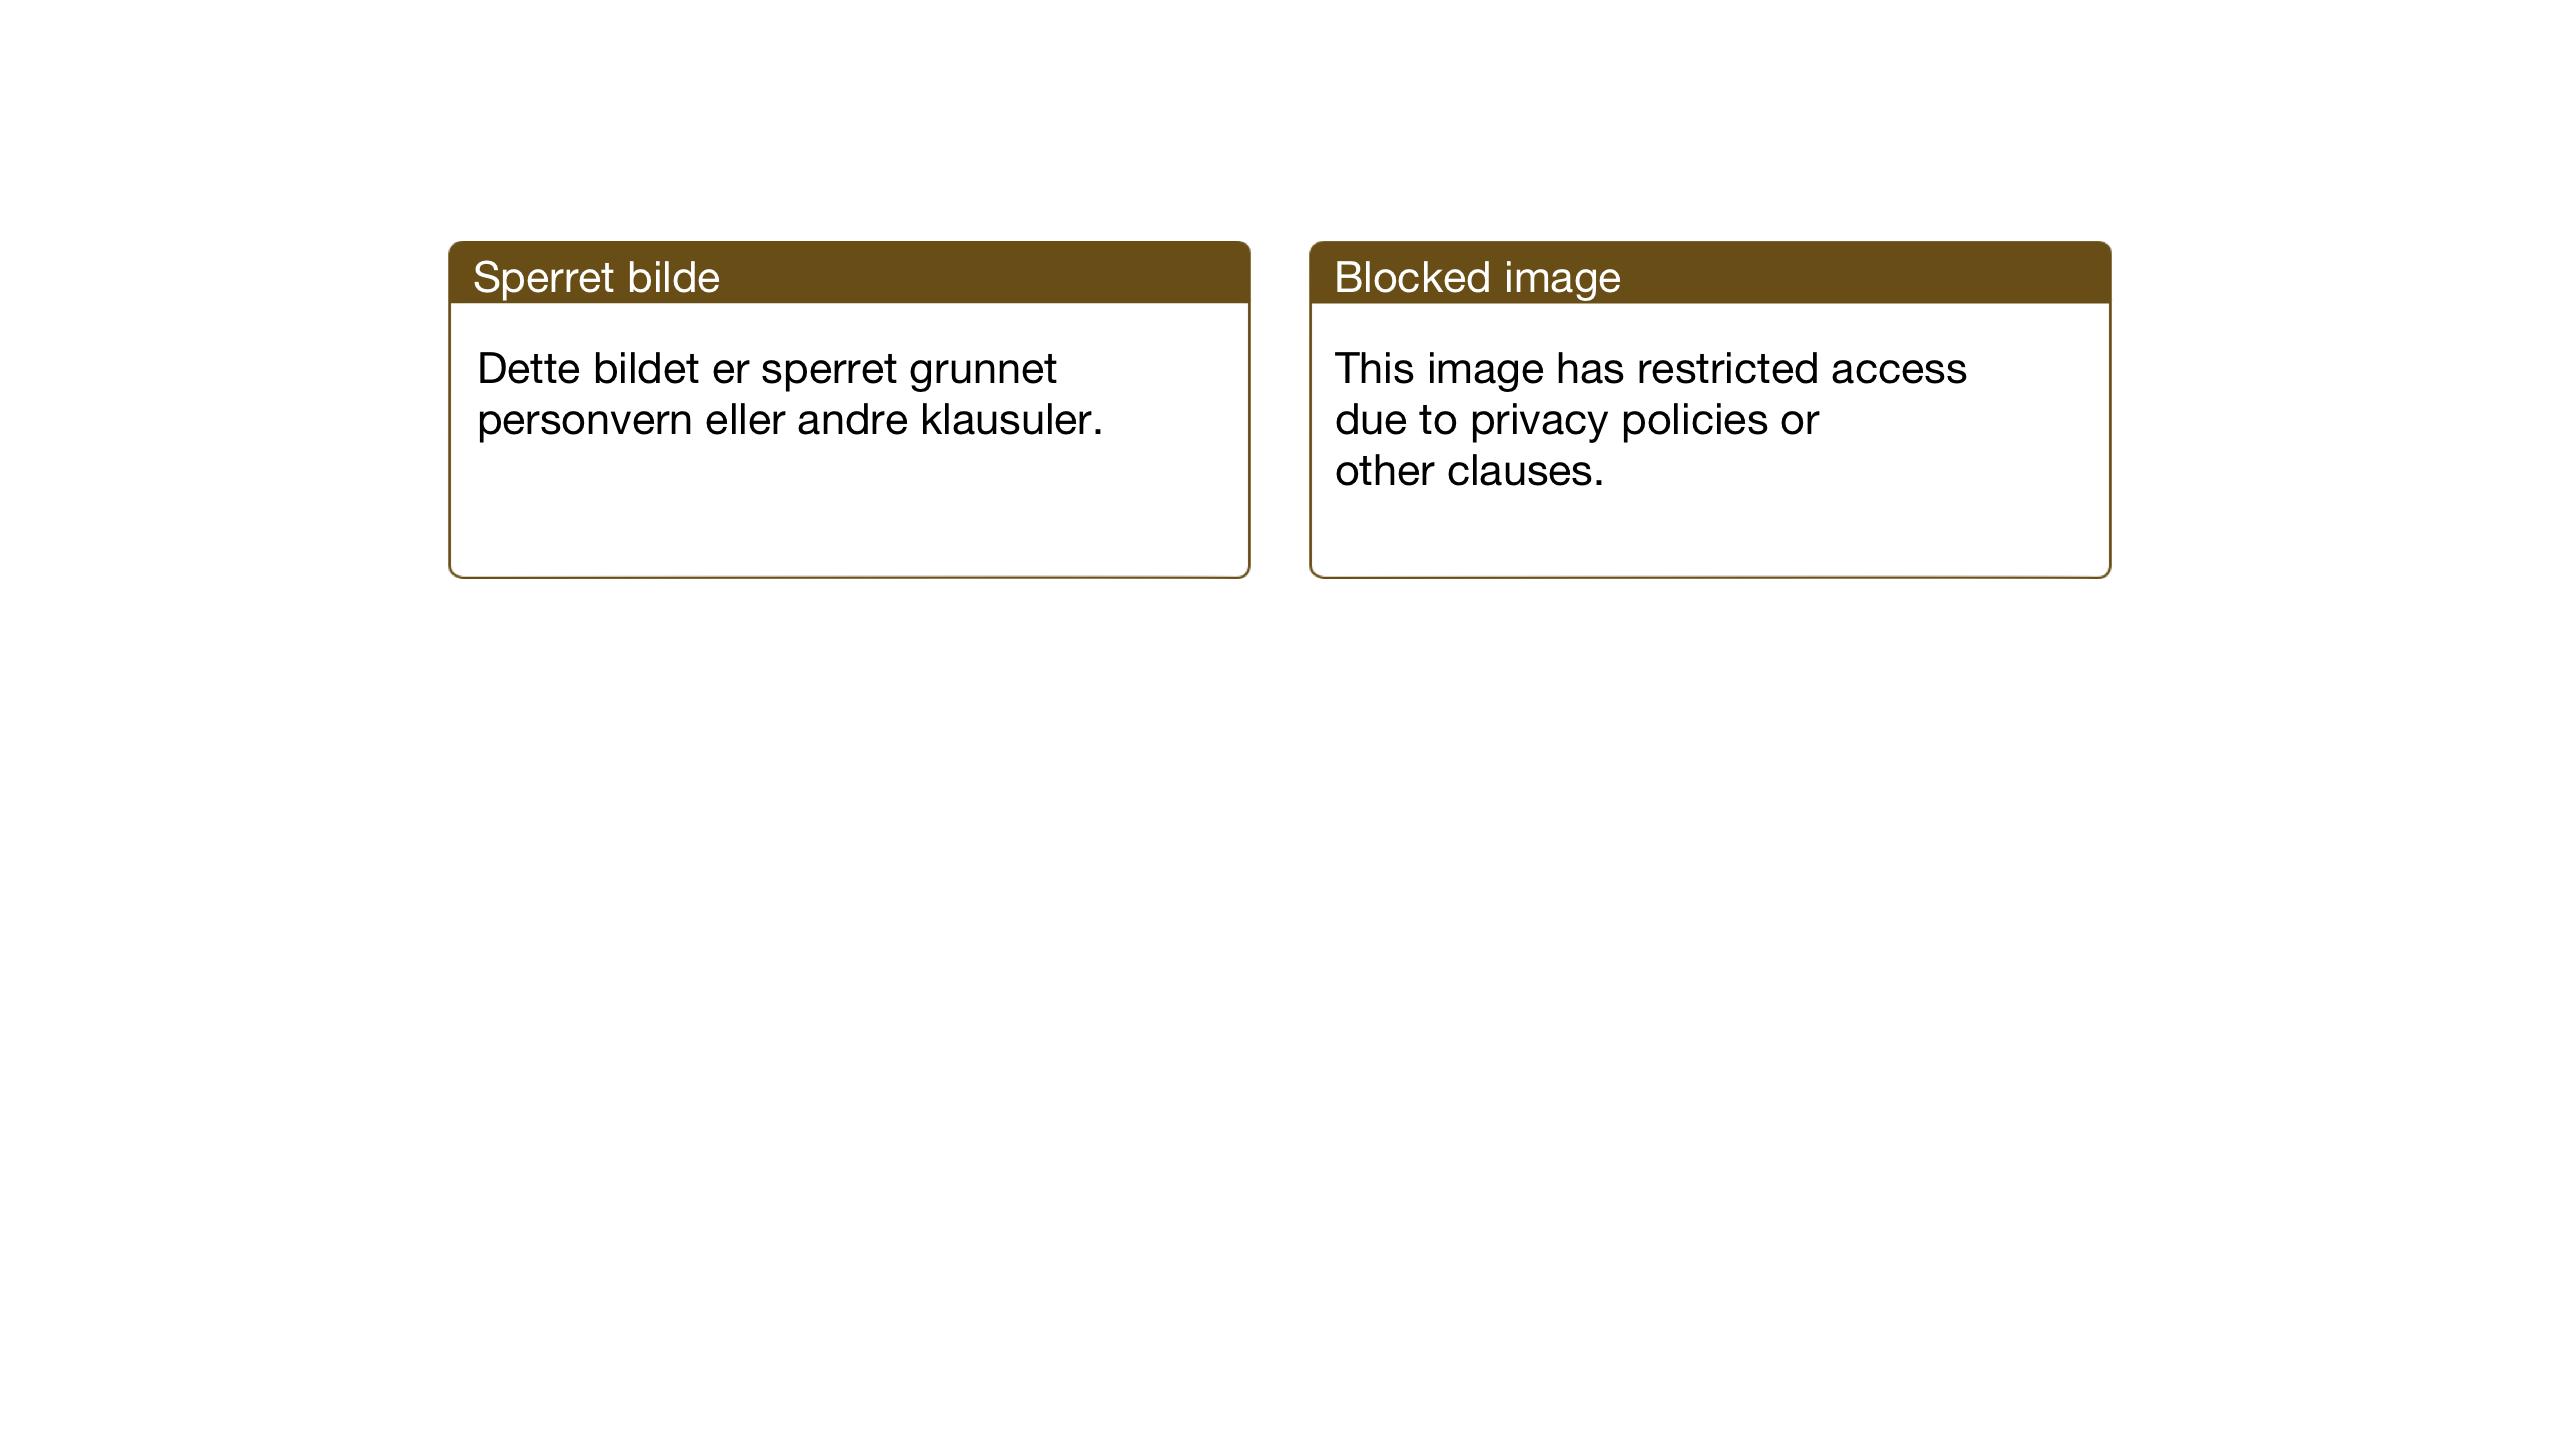 SAT, Ministerialprotokoller, klokkerbøker og fødselsregistre - Sør-Trøndelag, 615/L0401: Klokkerbok nr. 615C02, 1922-1941, s. 167